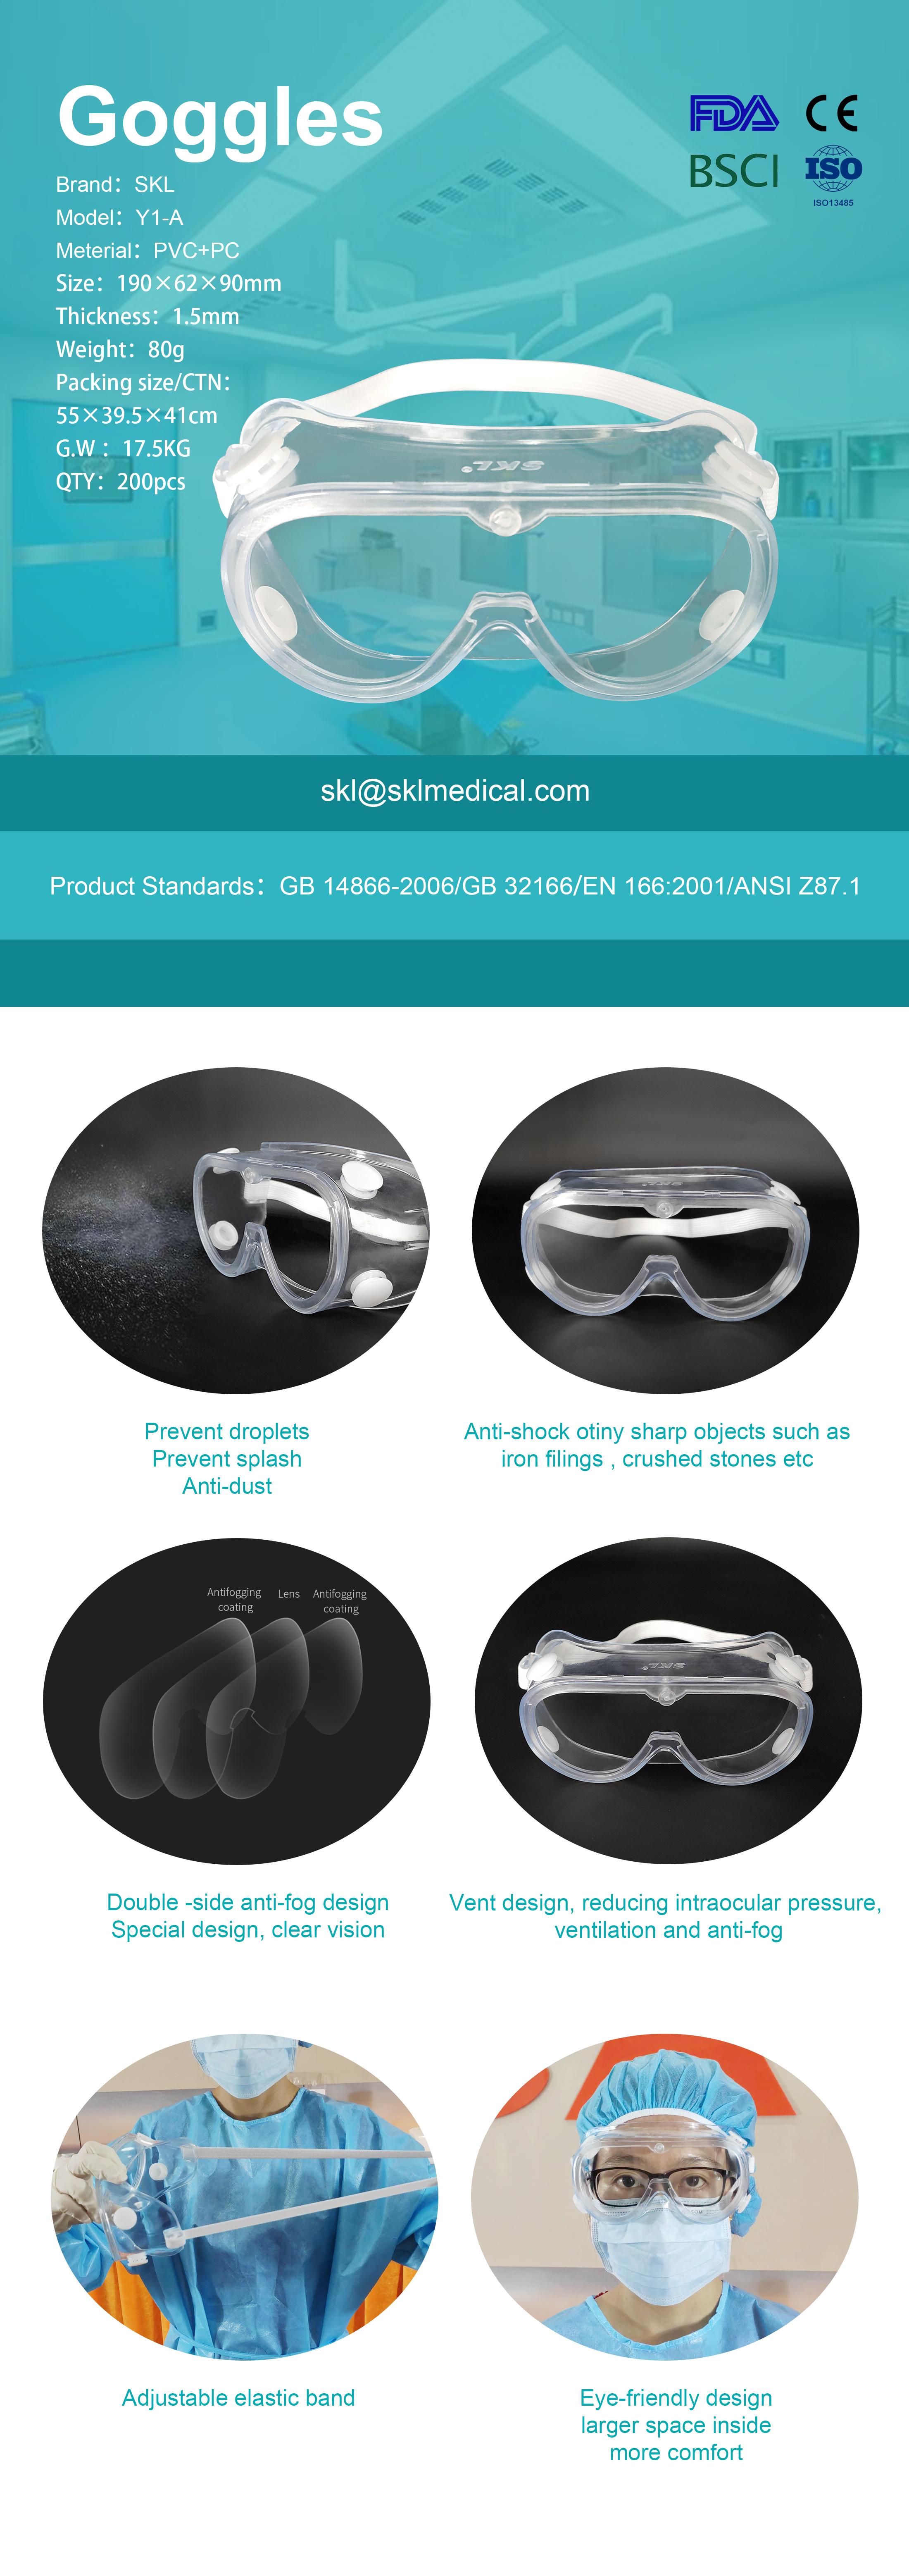 goggles Y1-A.jpg